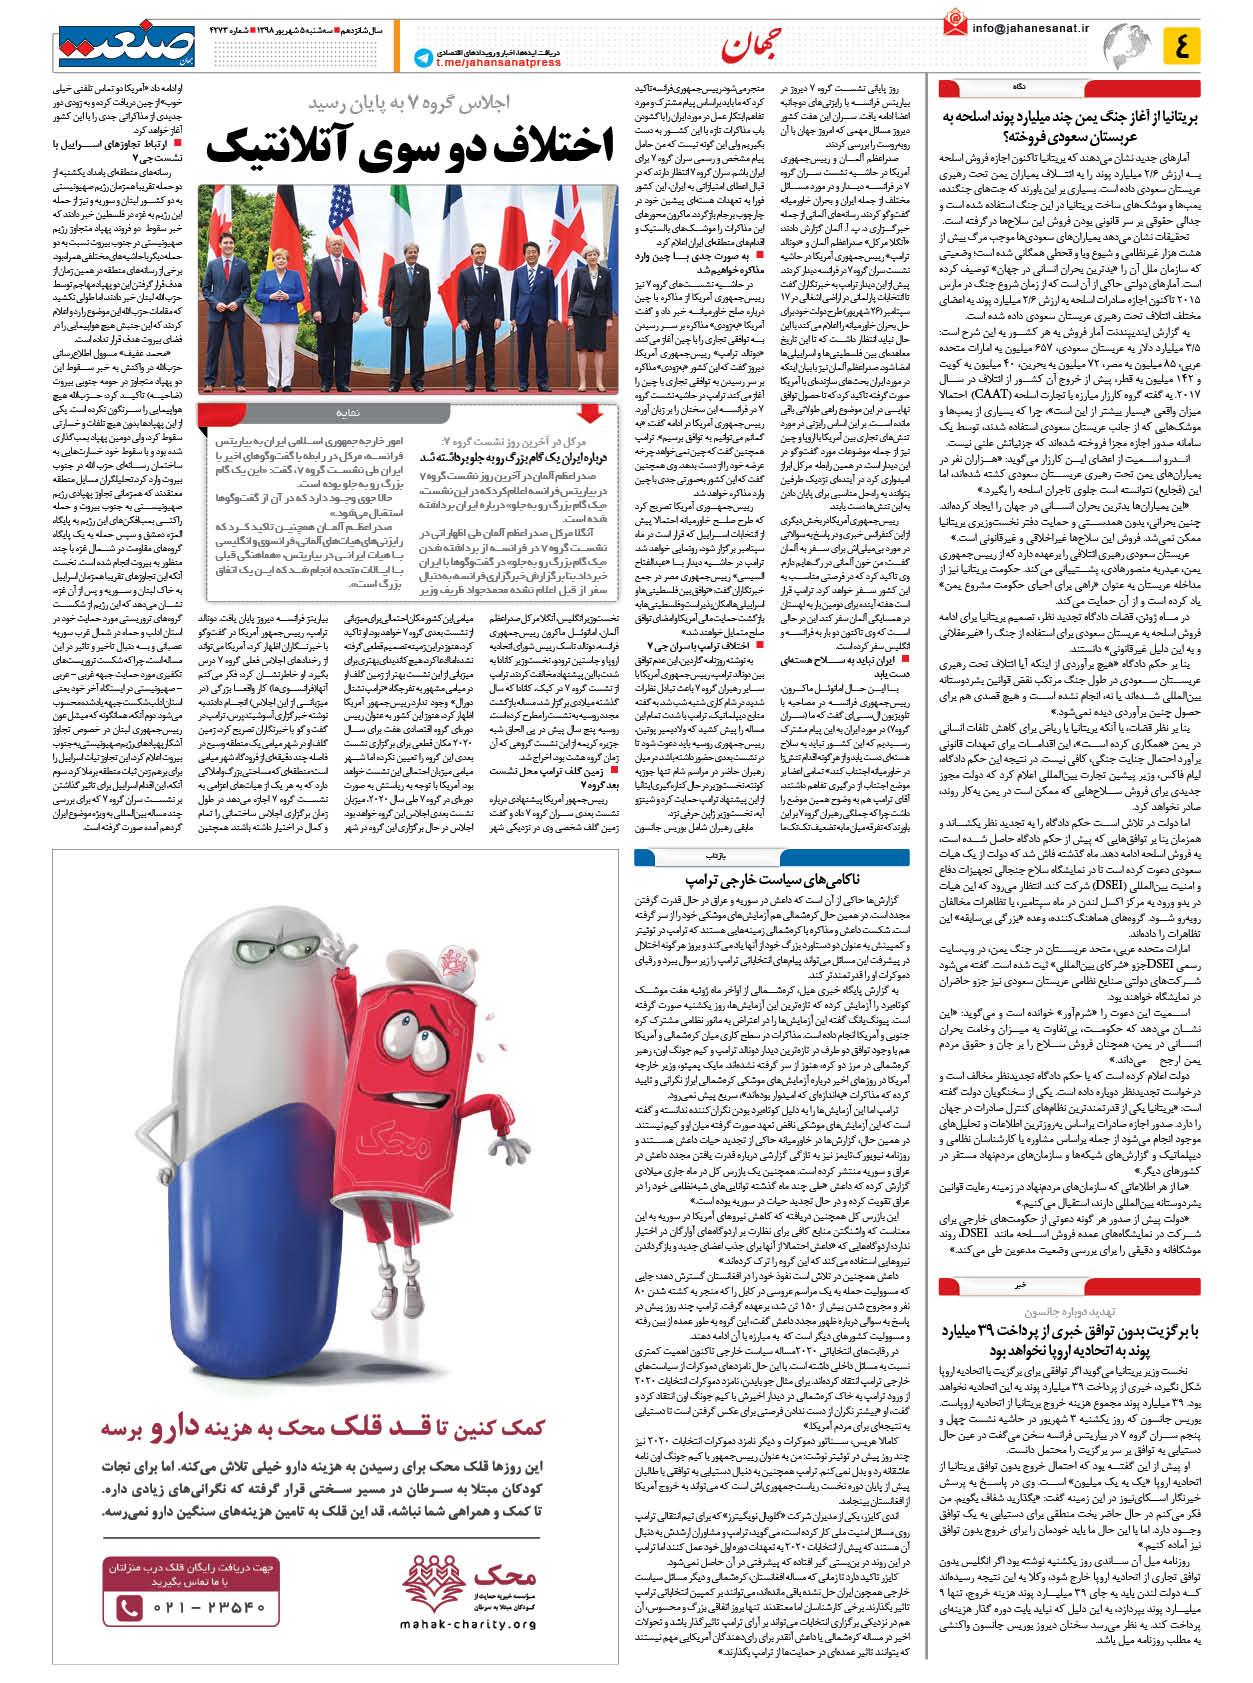 صفحه ۰۴ – ۰۵ شهریور ۱۳۹۸